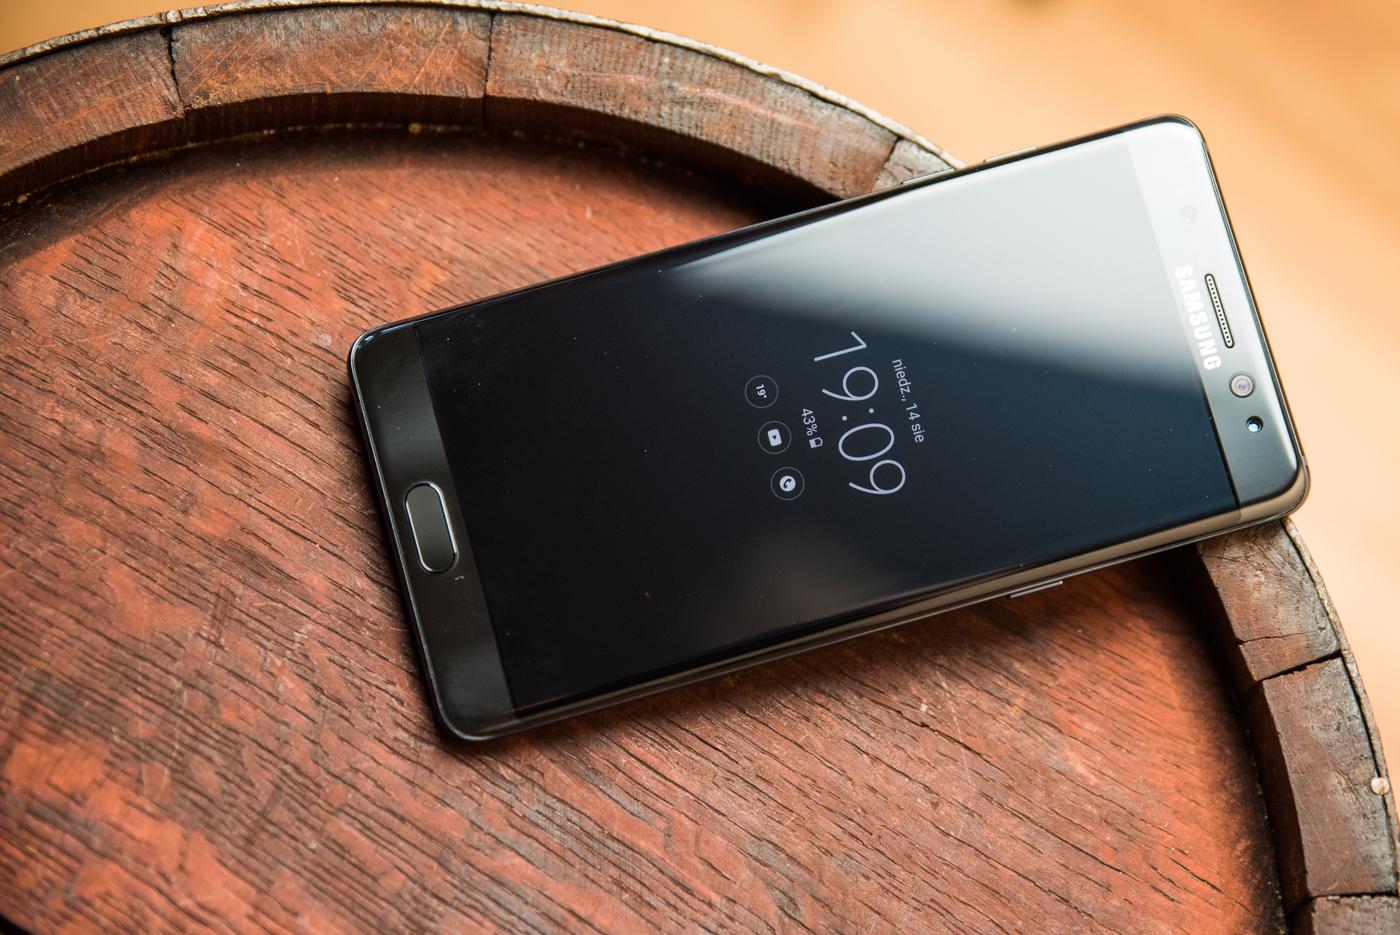 Samsung chciał wyprzedzić Apple, a został w tyle. Wiemy, kiedy Note 7 wróci na sklepowe półki